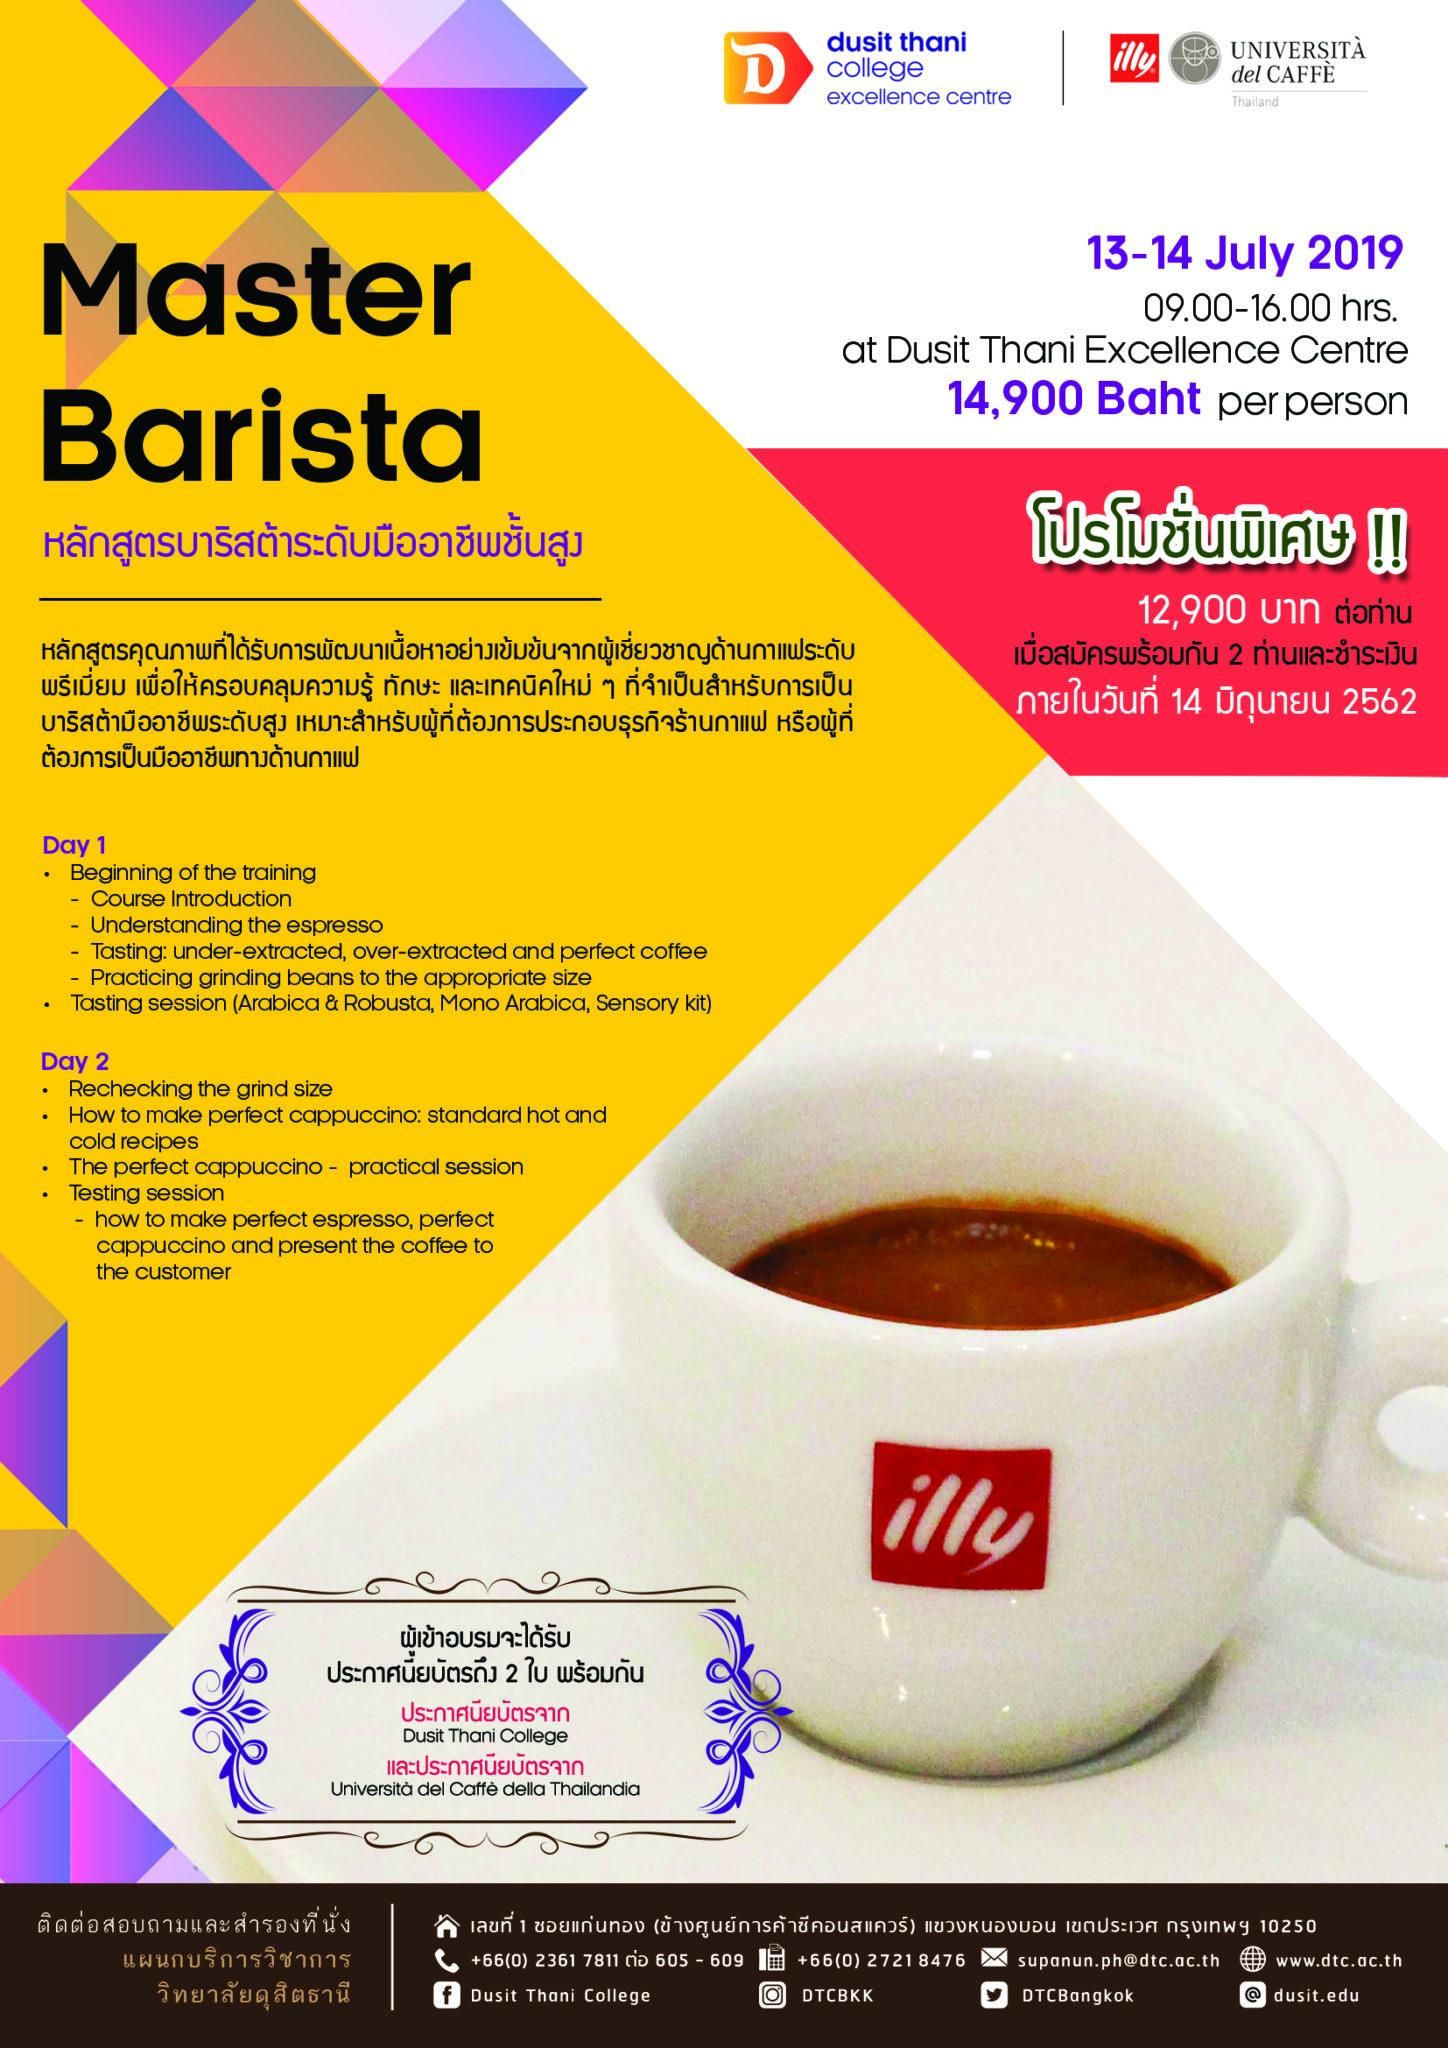 Master Barista หลักสูตรคุณภาพที่ได้รับการพัฒนาเนื้อหาอย่างเข้มข้นจากผู้เชี่ยวชาญด้านกาแฟระดับพรีเมี่ยม 13 -